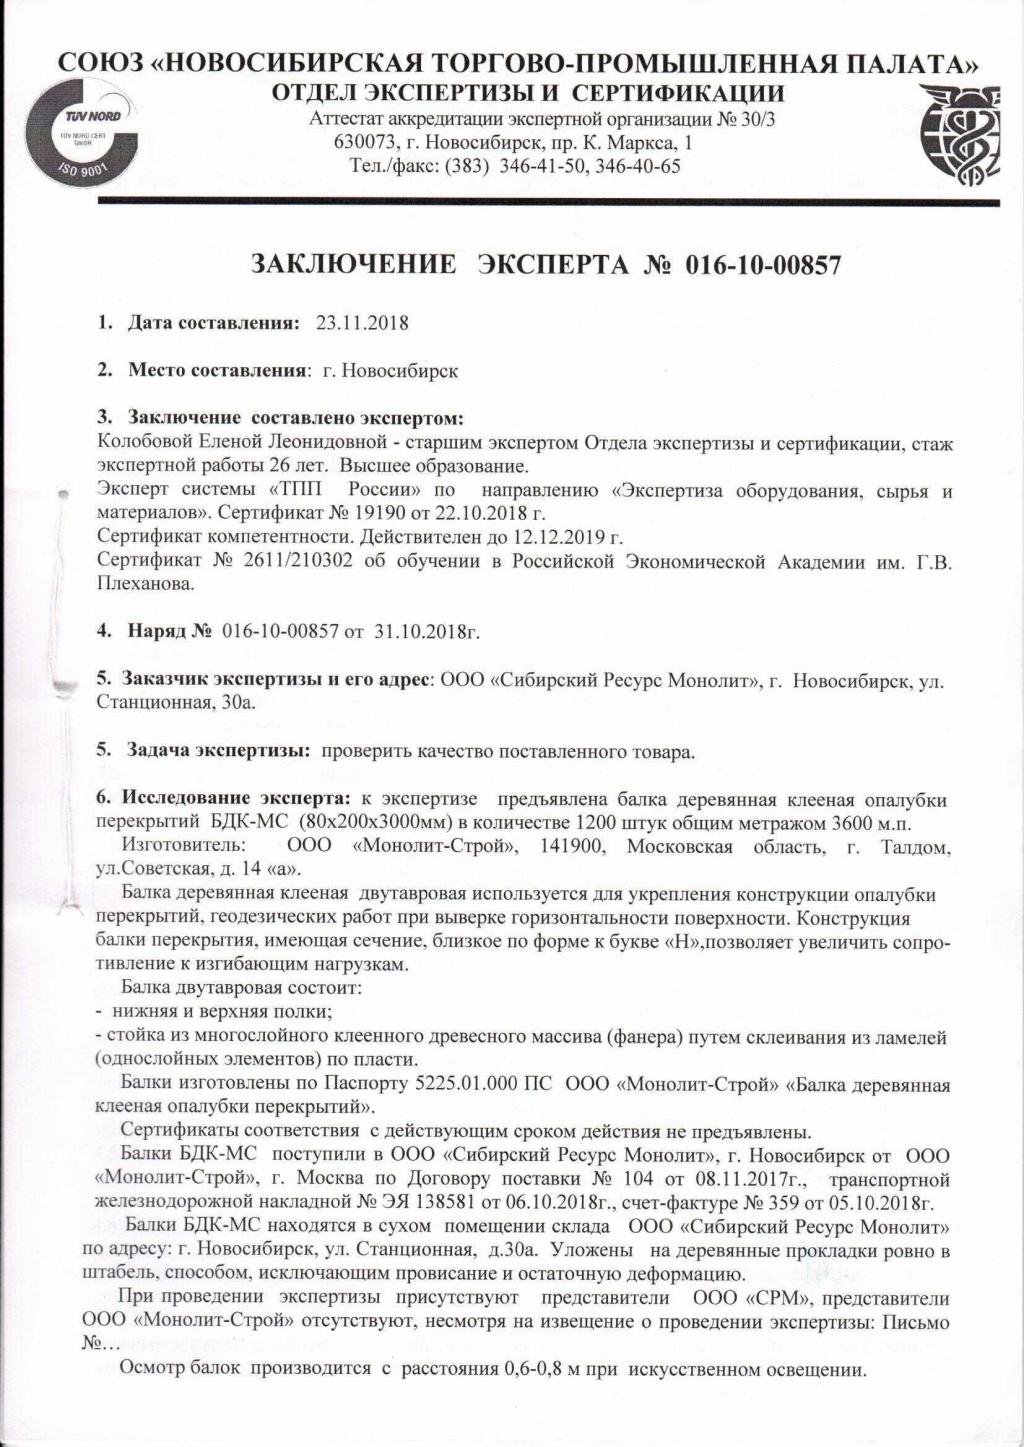 ООО Монолит-строй